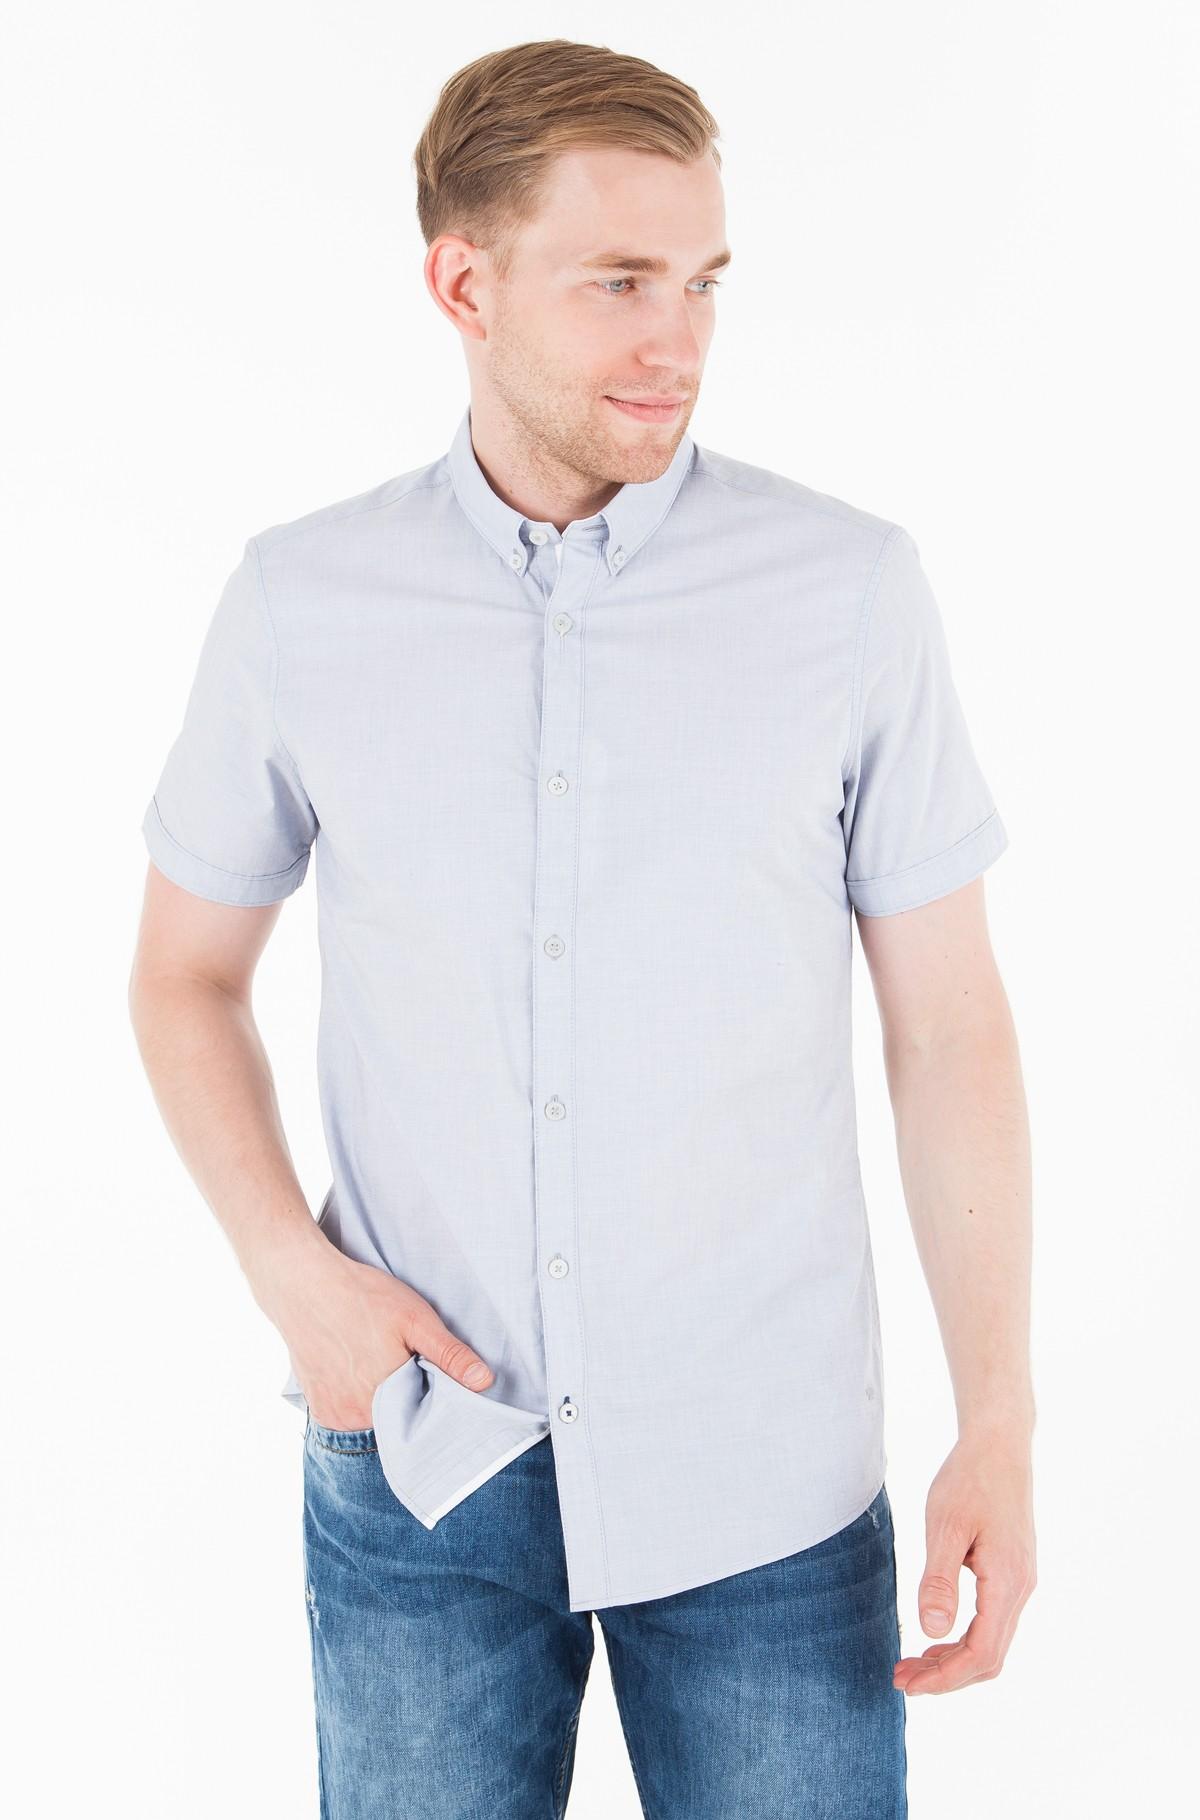 Marškiniai su trumpomis rankovėmis 2055510.00.10-full-1